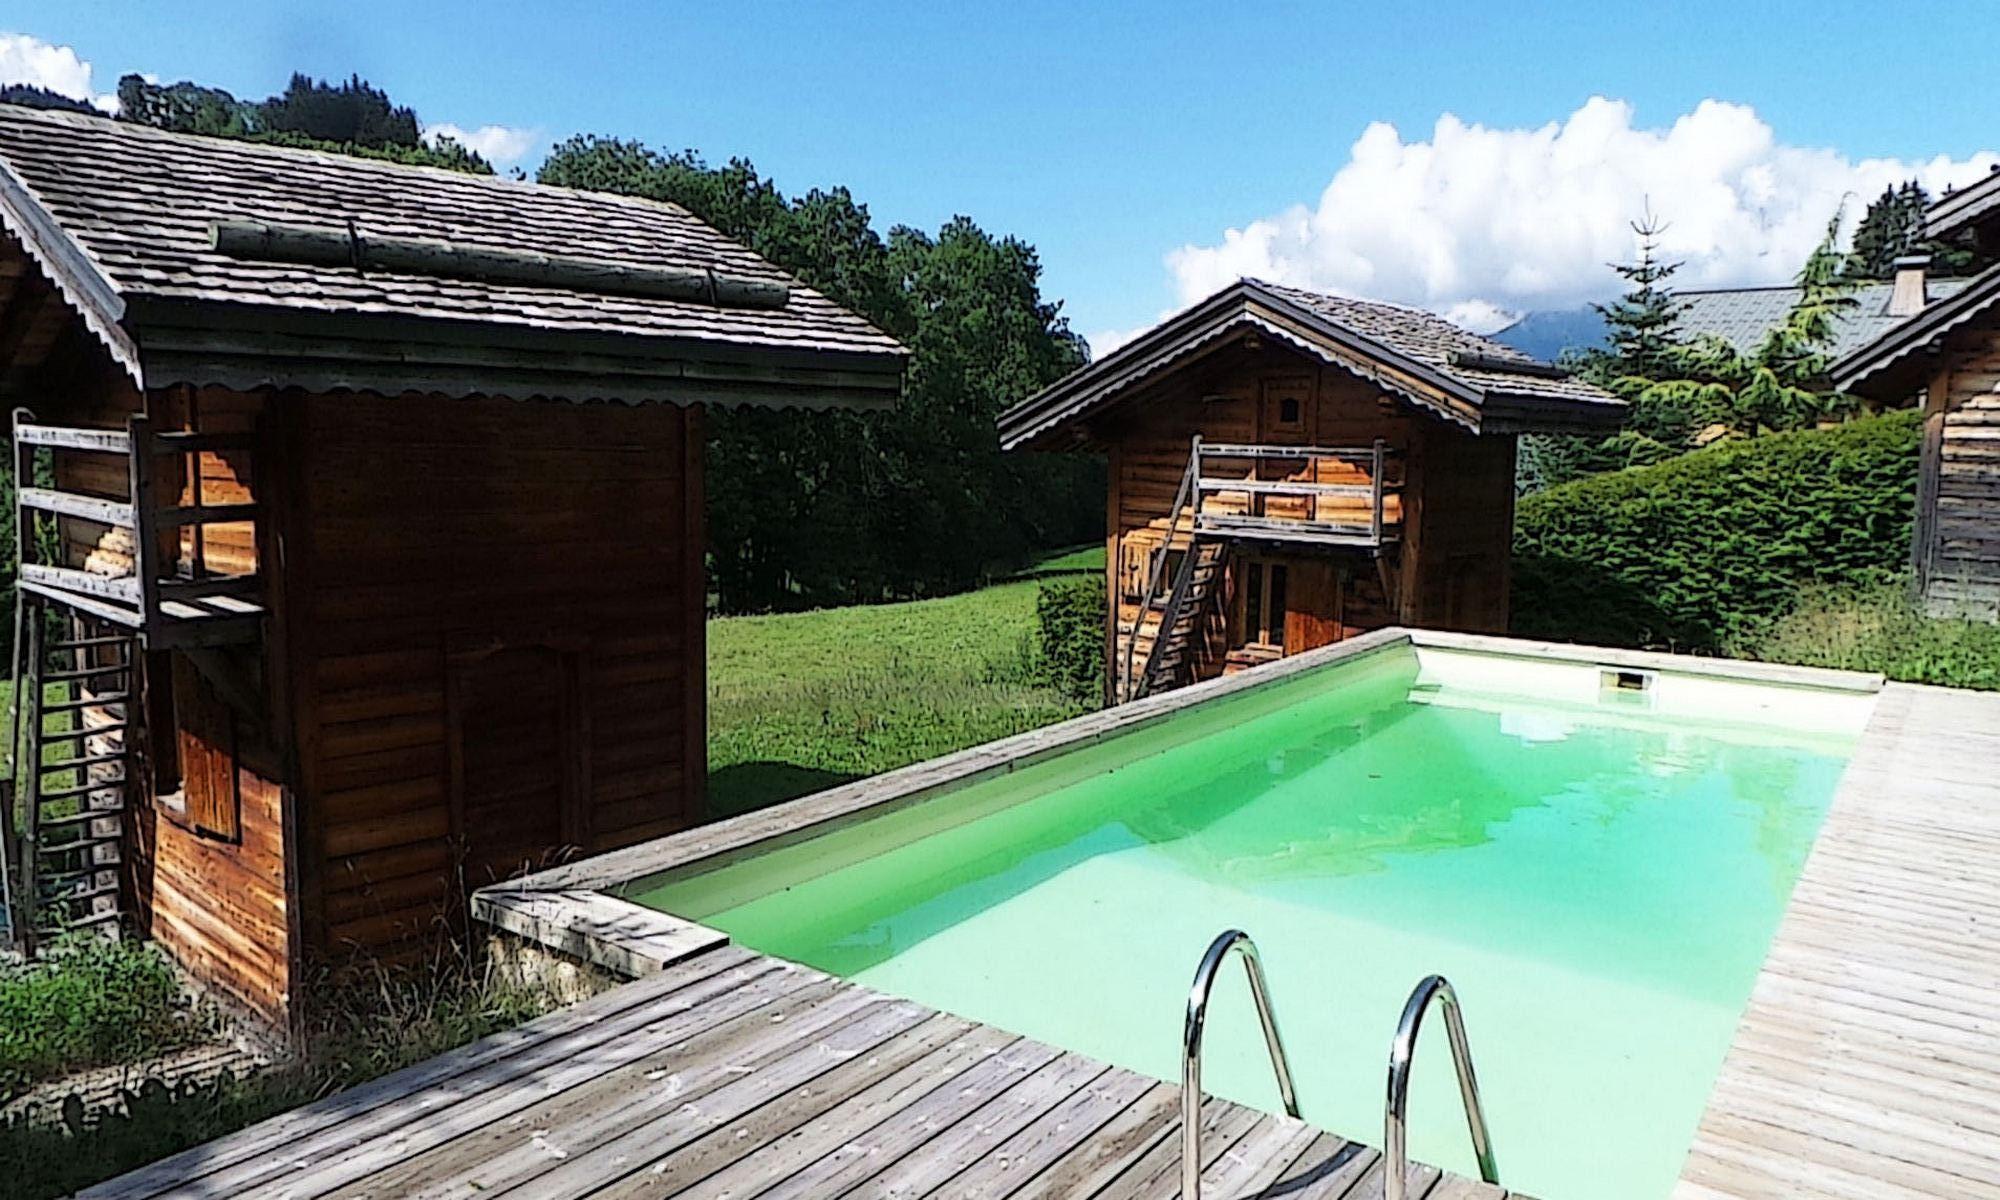 Property For Sale at Megève - La Princesse - Chalet Les Praz